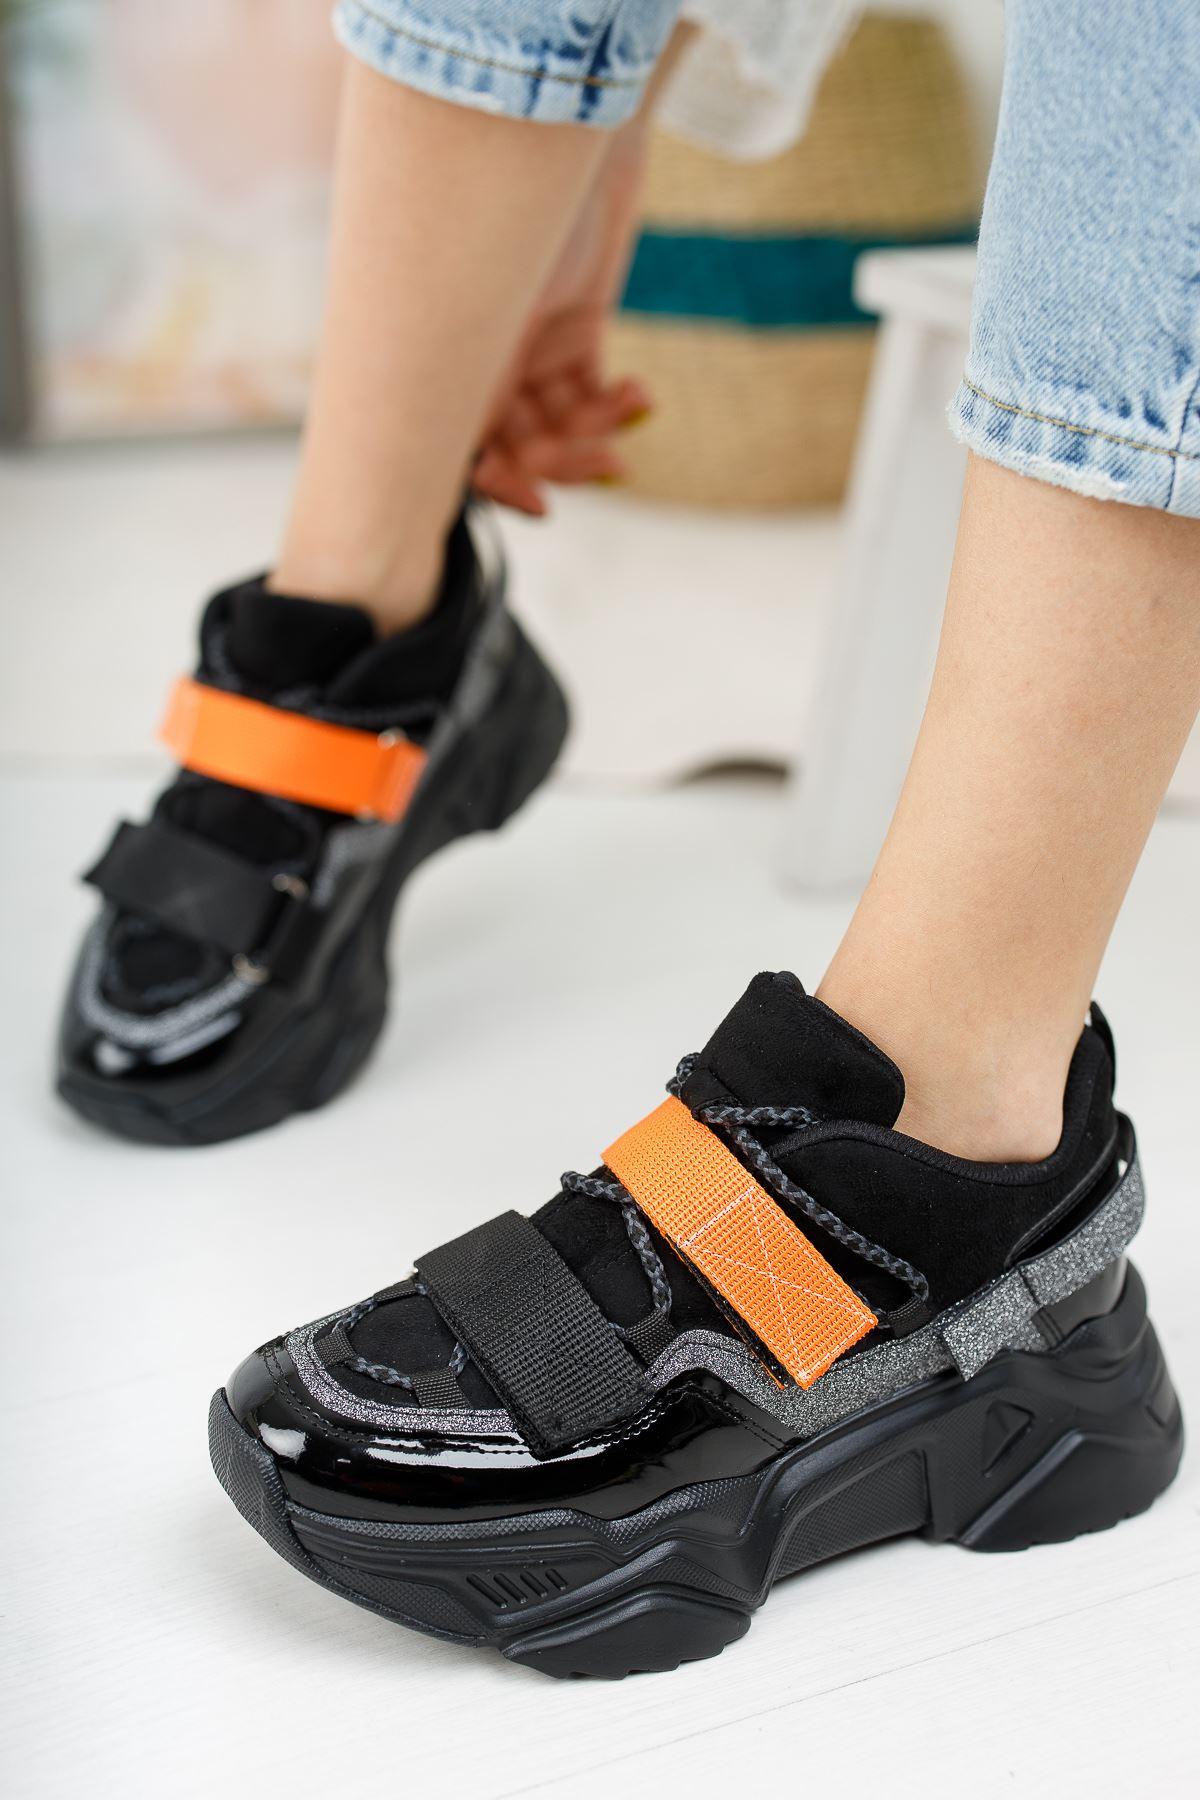 Kadın Goda Kalın Taban Cırtlı Rugan Detaylı Siyah Spor Ayakkabı